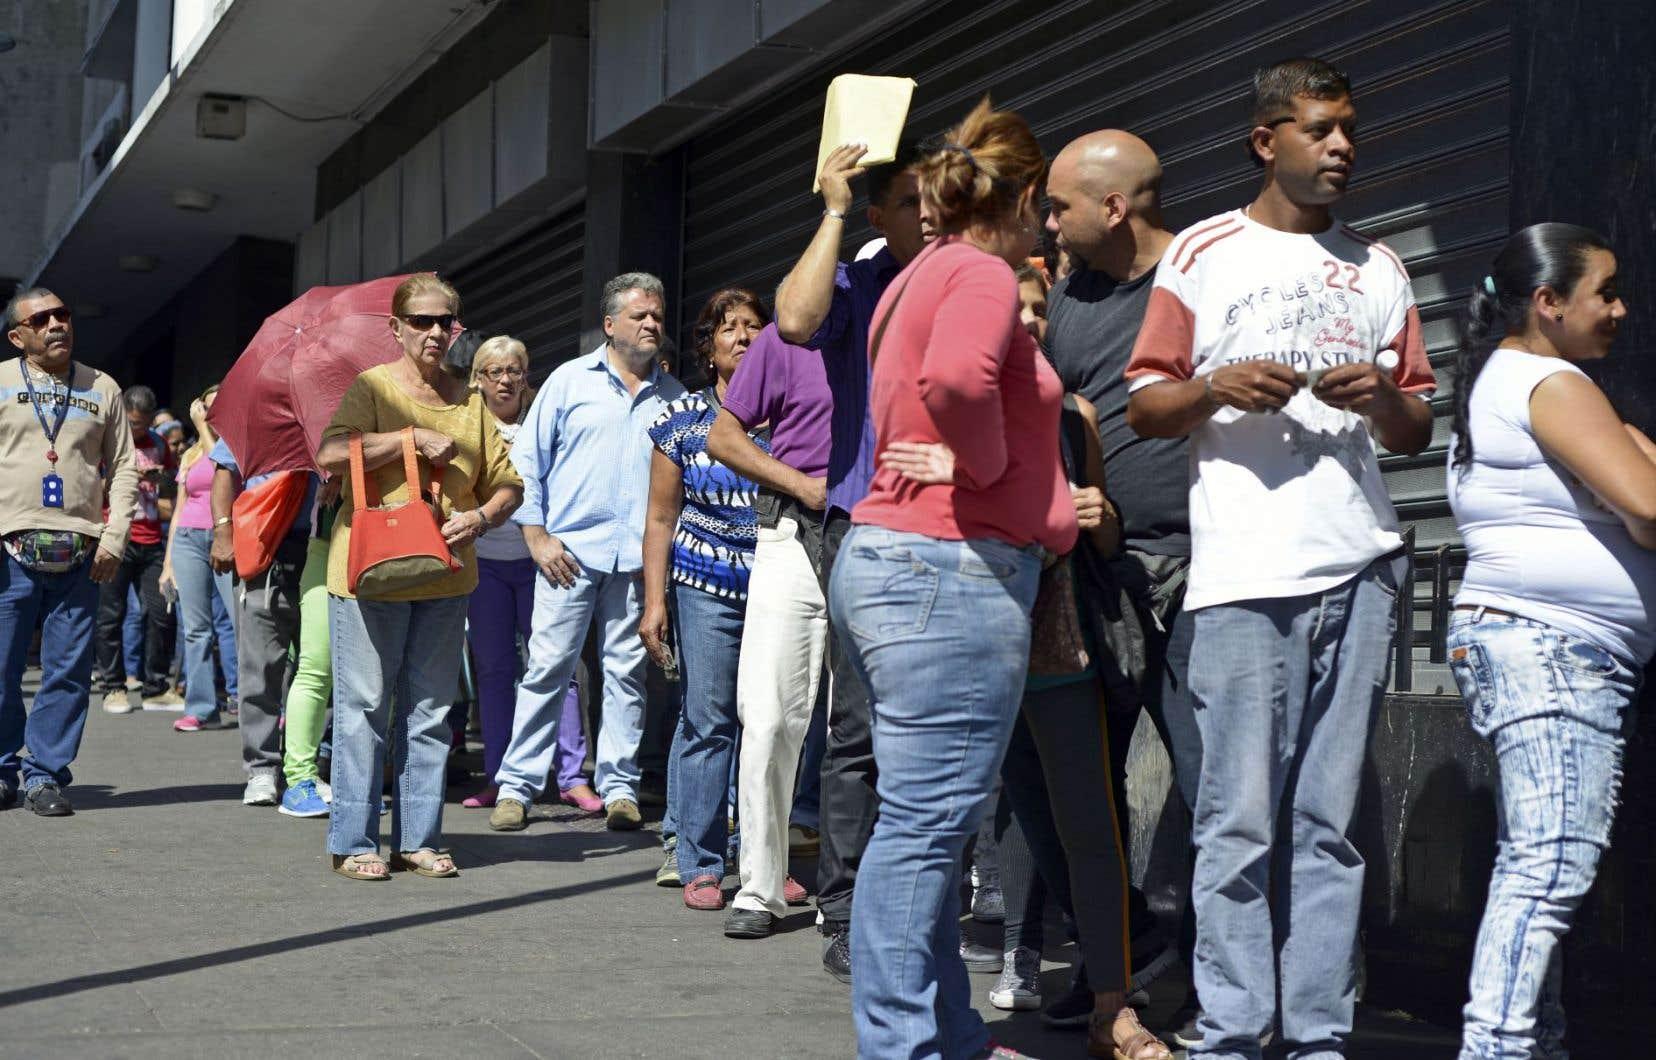 À Caracas, au Venezuela, des citoyens font la file pour s'approvisionner dans un supermarché. Le président du pays, Nicola Maduro, avait décrété l'état d'«urgence économique» le 15 janvier pour faire face aux difficultés auxquelles le pays est confronté avec la chute des prix du pétrole, mais l'opposition a rejeté le décret quelques jours plus tard, enfonçant un peu plus le pays dans un crise politique.